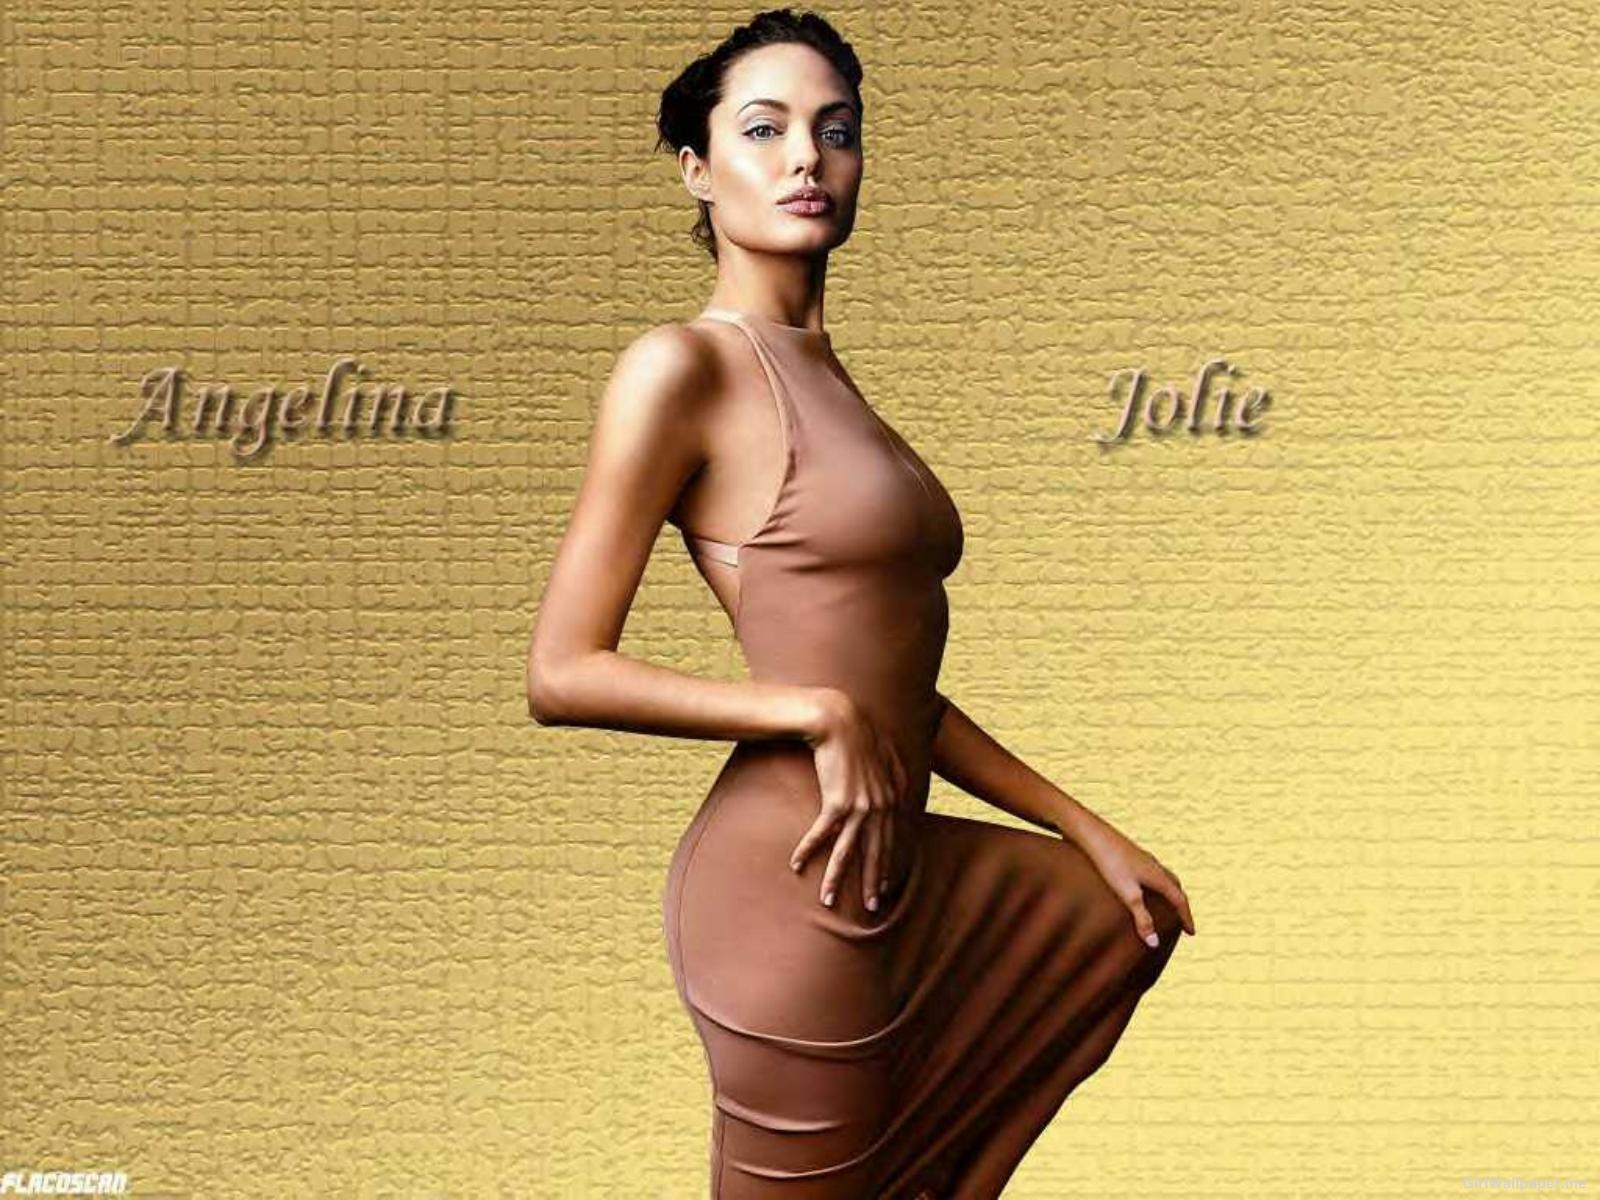 Анджелина джоли грудь 15 фотография